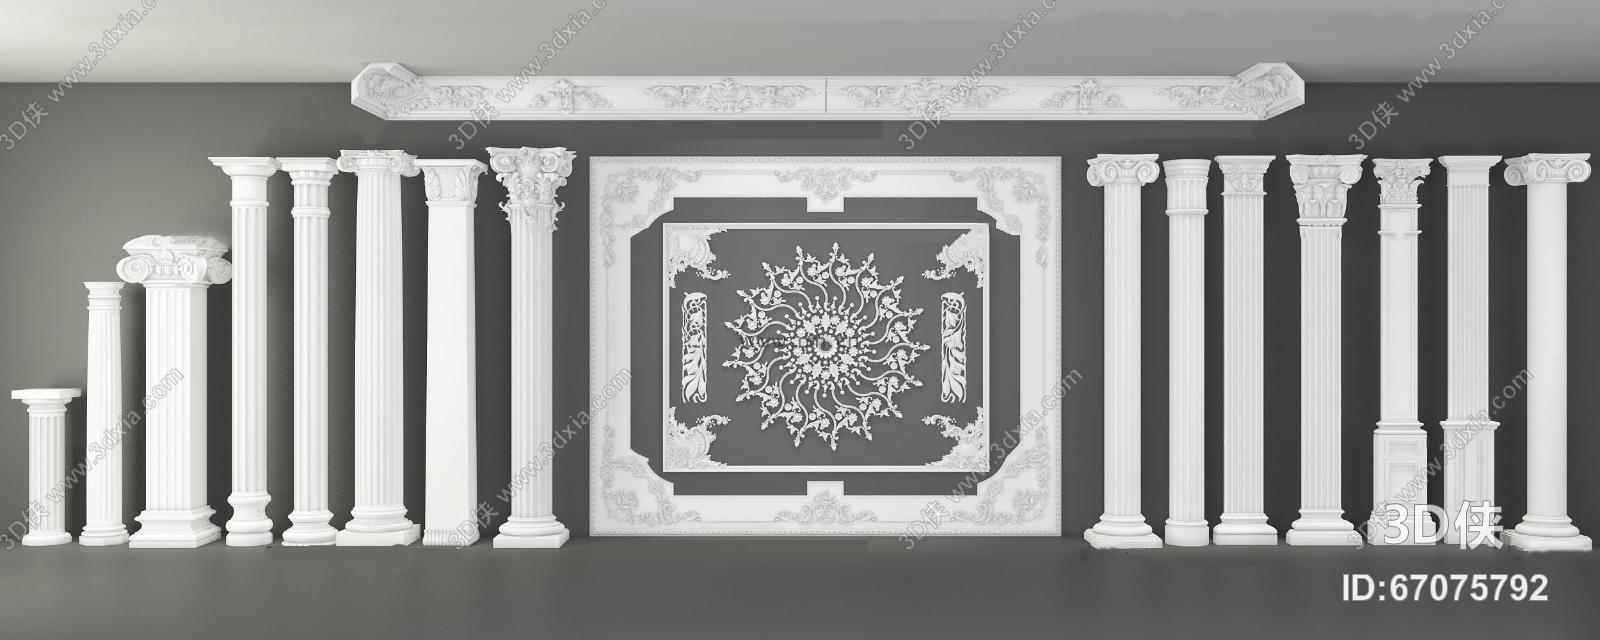 欧式石膏罗马柱雕花柱头组合3d模型【id:67075792】